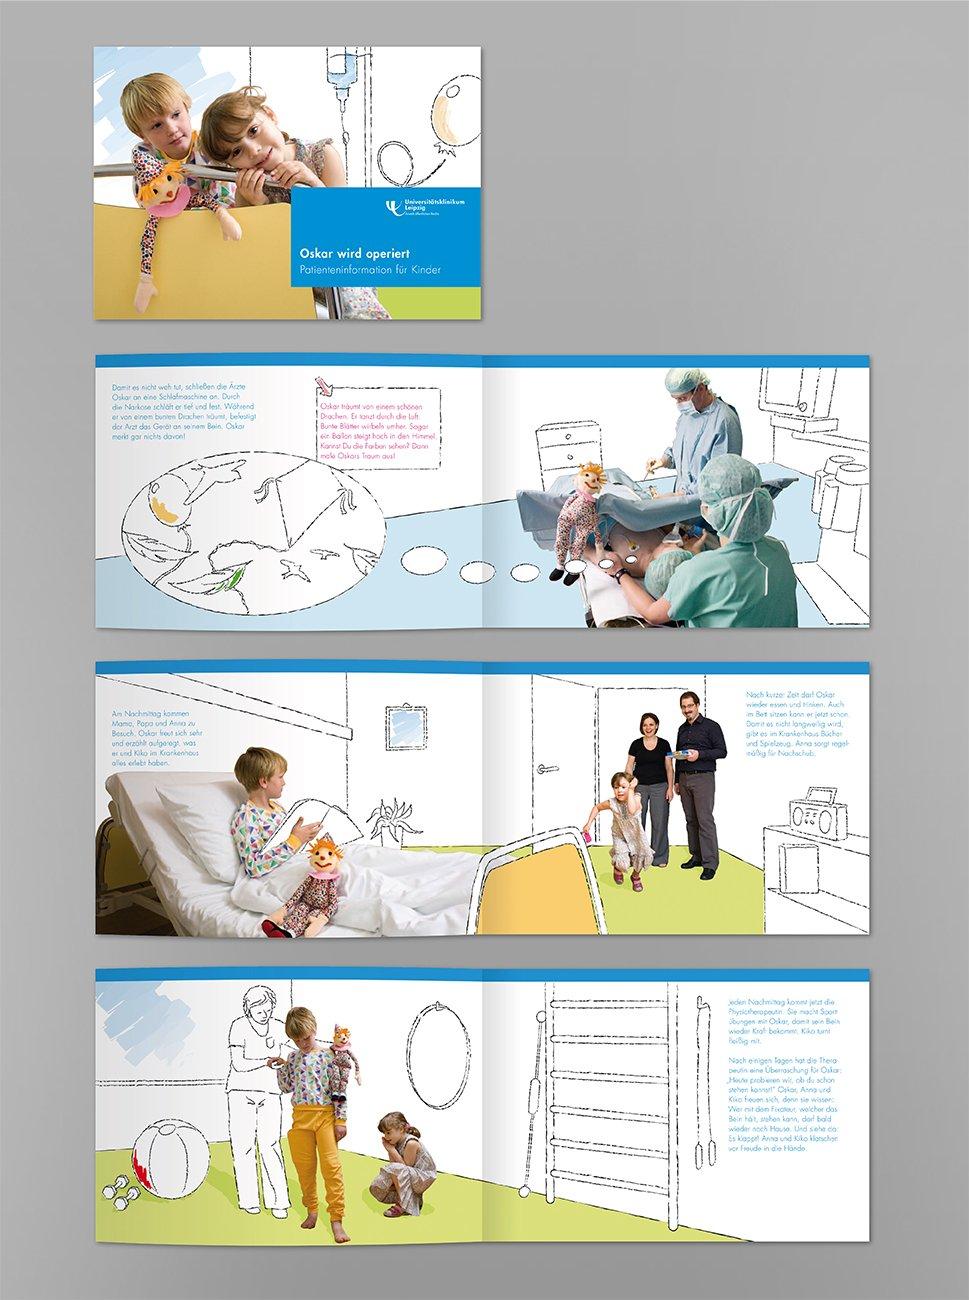 21 UKL Broschur patienteninformation illustration 1